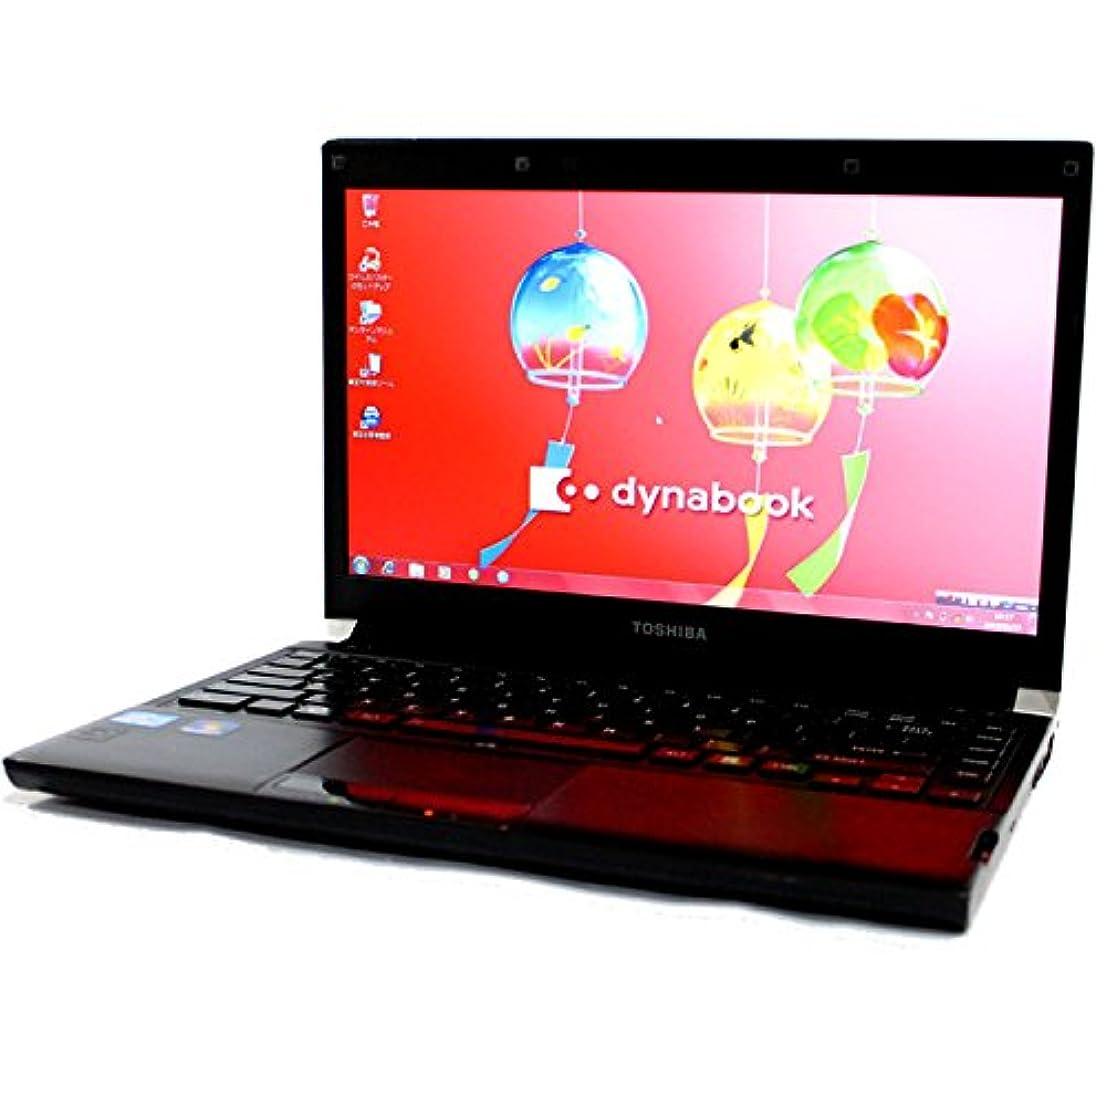 引き潮青変数TOSHIBA 東芝 dynabook PORTEGE R830 Core i5 4GB HDD320GB 13.3型液晶 DVDスーパーマルチ Windows7 Professional 無線LAN 中古 中古パソコン 中古ノートパソコン